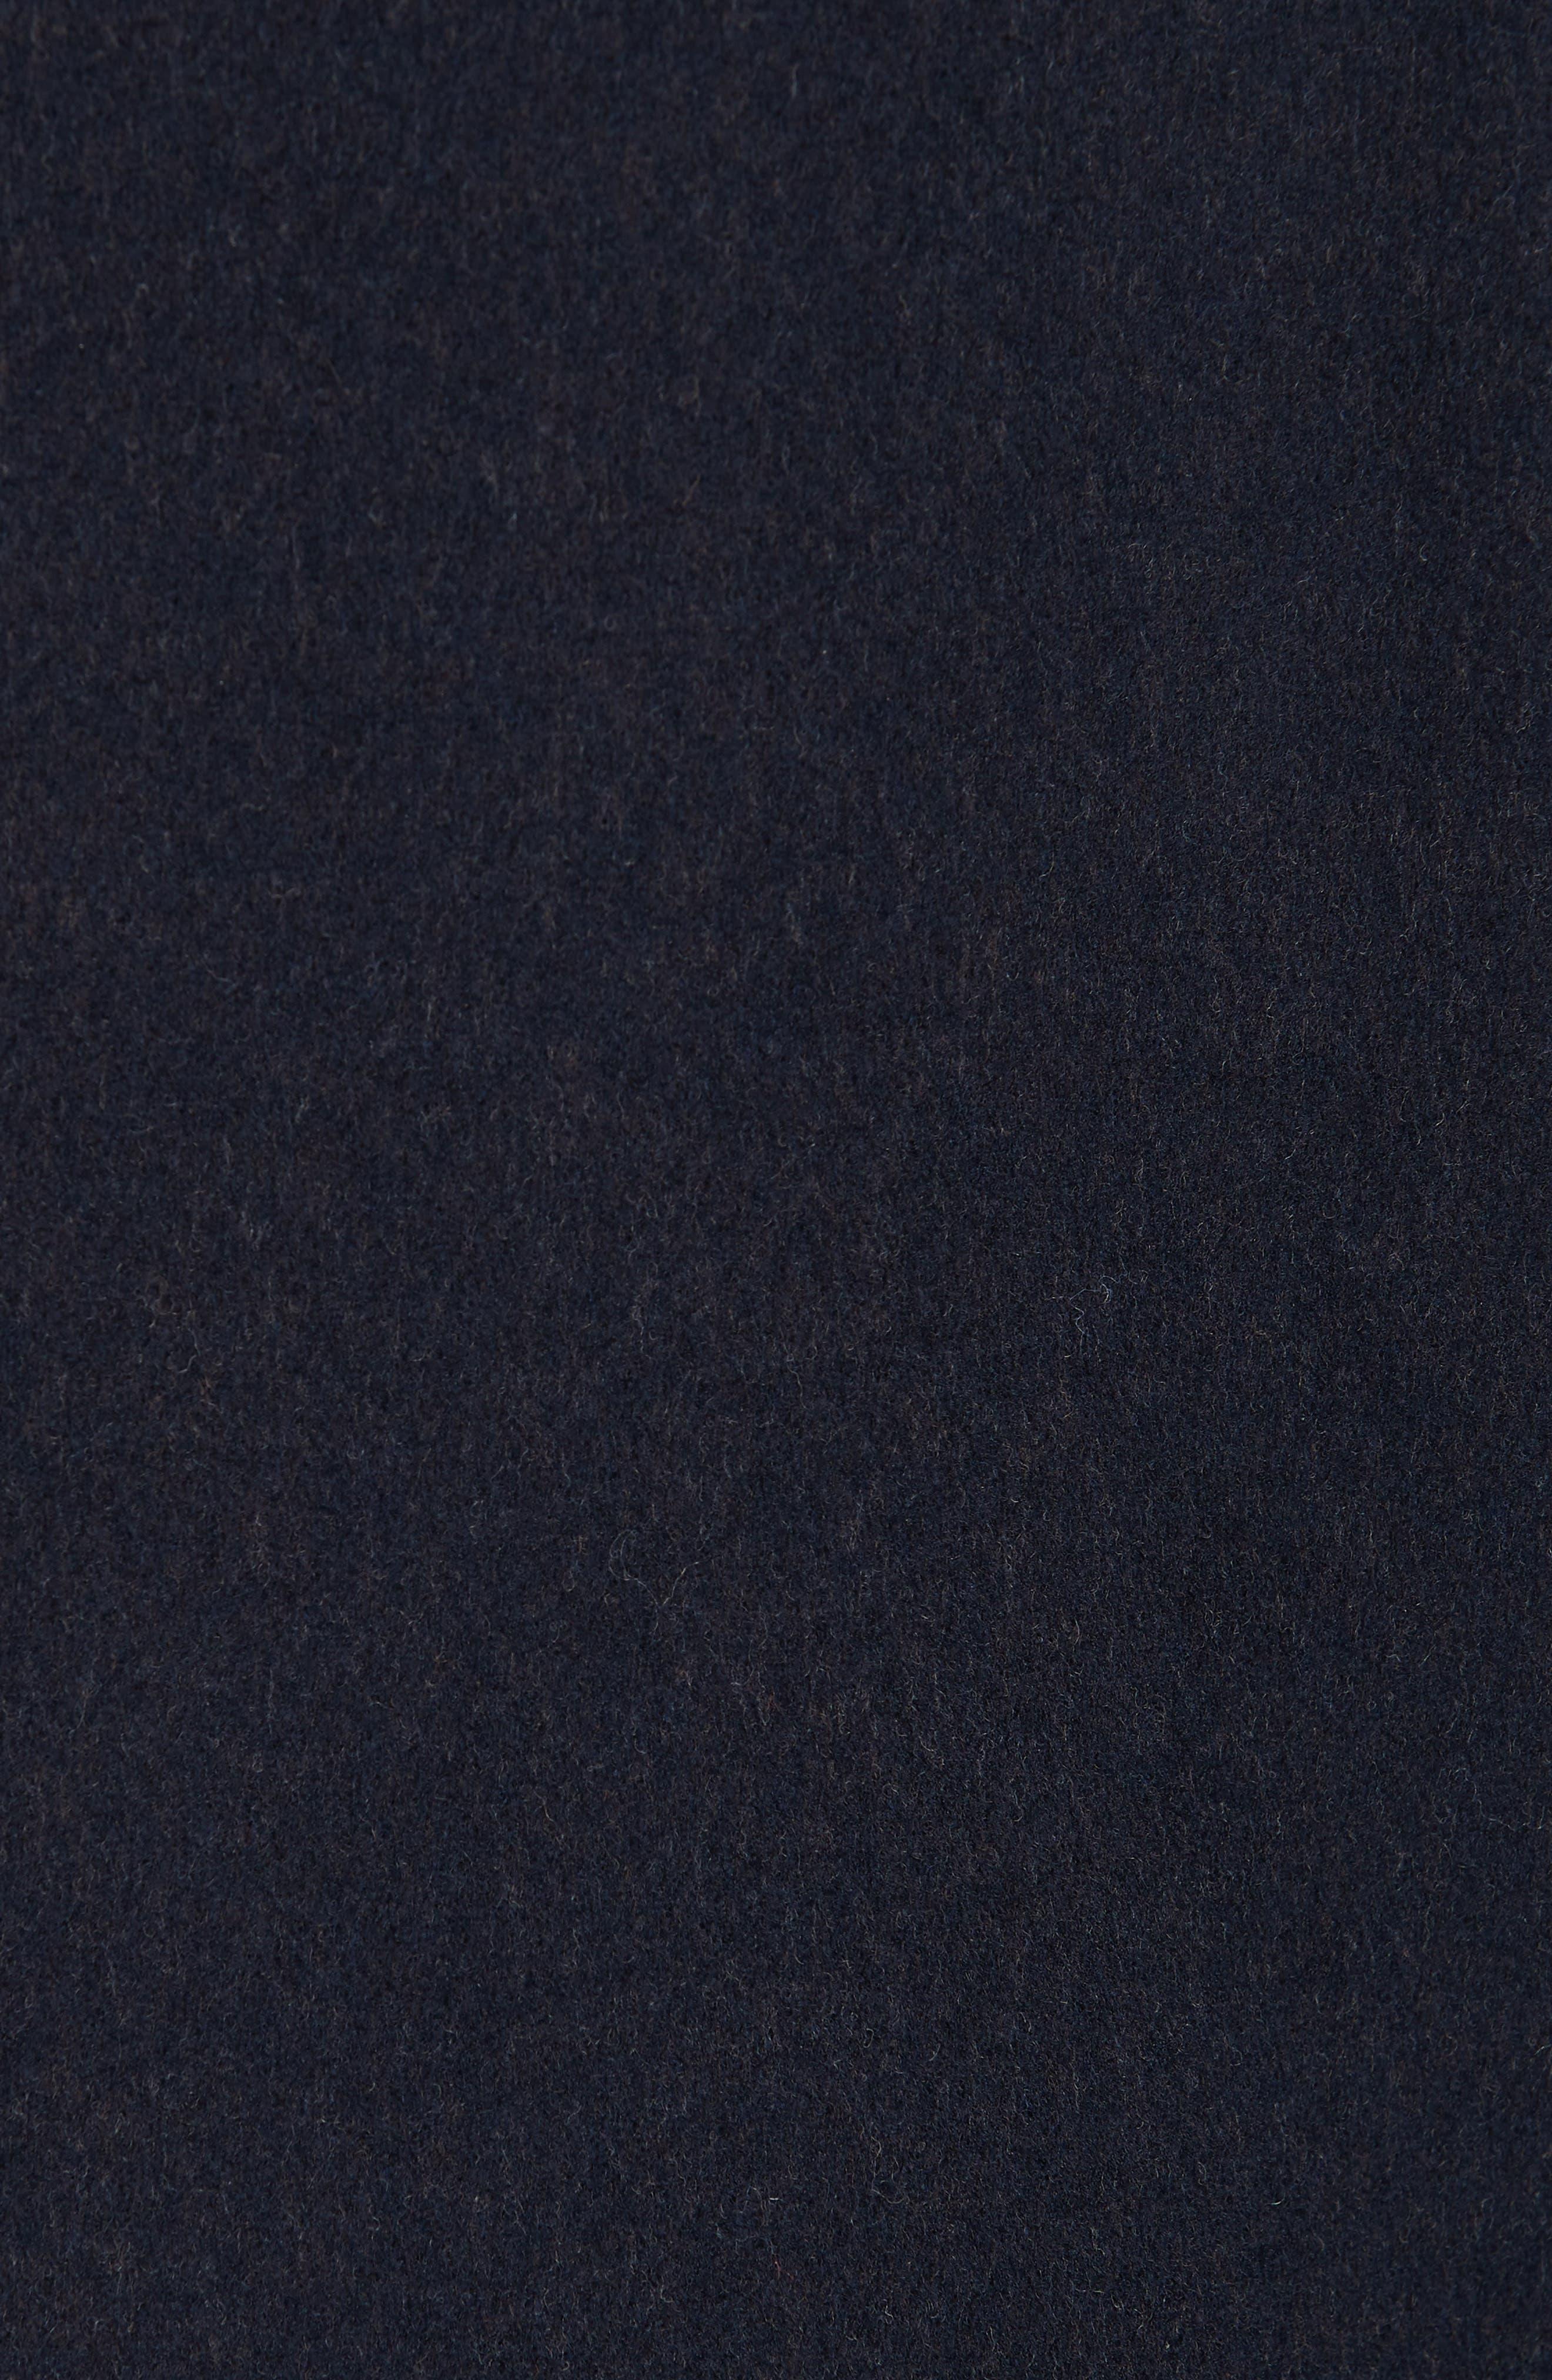 Trim Fit Wool & Cashmere Car Coat,                             Alternate thumbnail 6, color,                             410